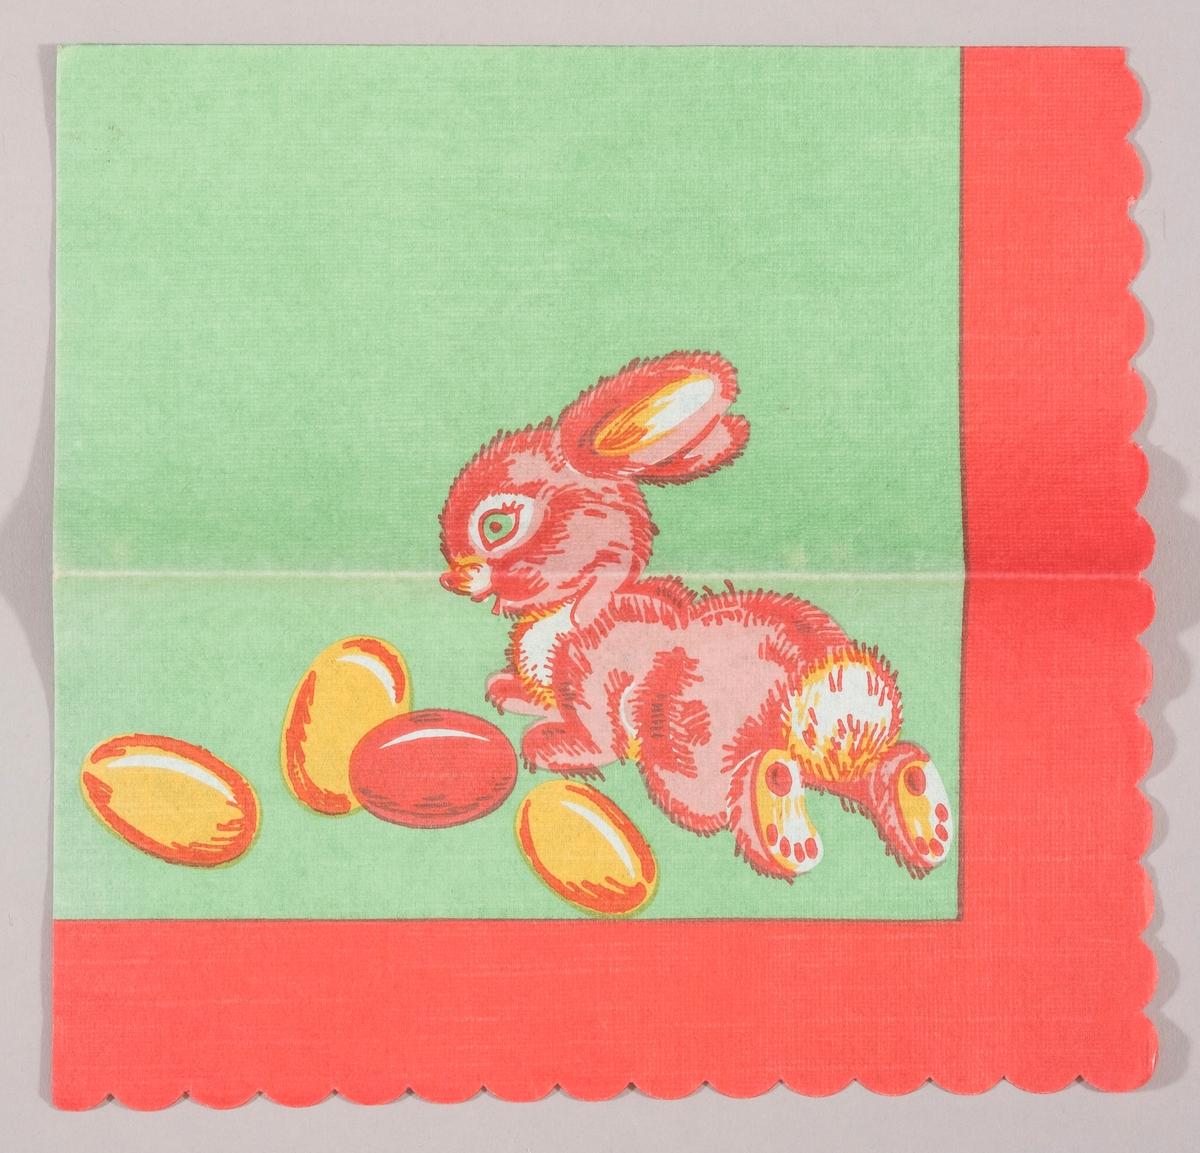 En påskehare og gule og røde påskeegg på en grønn bakgrunn med rød kant.